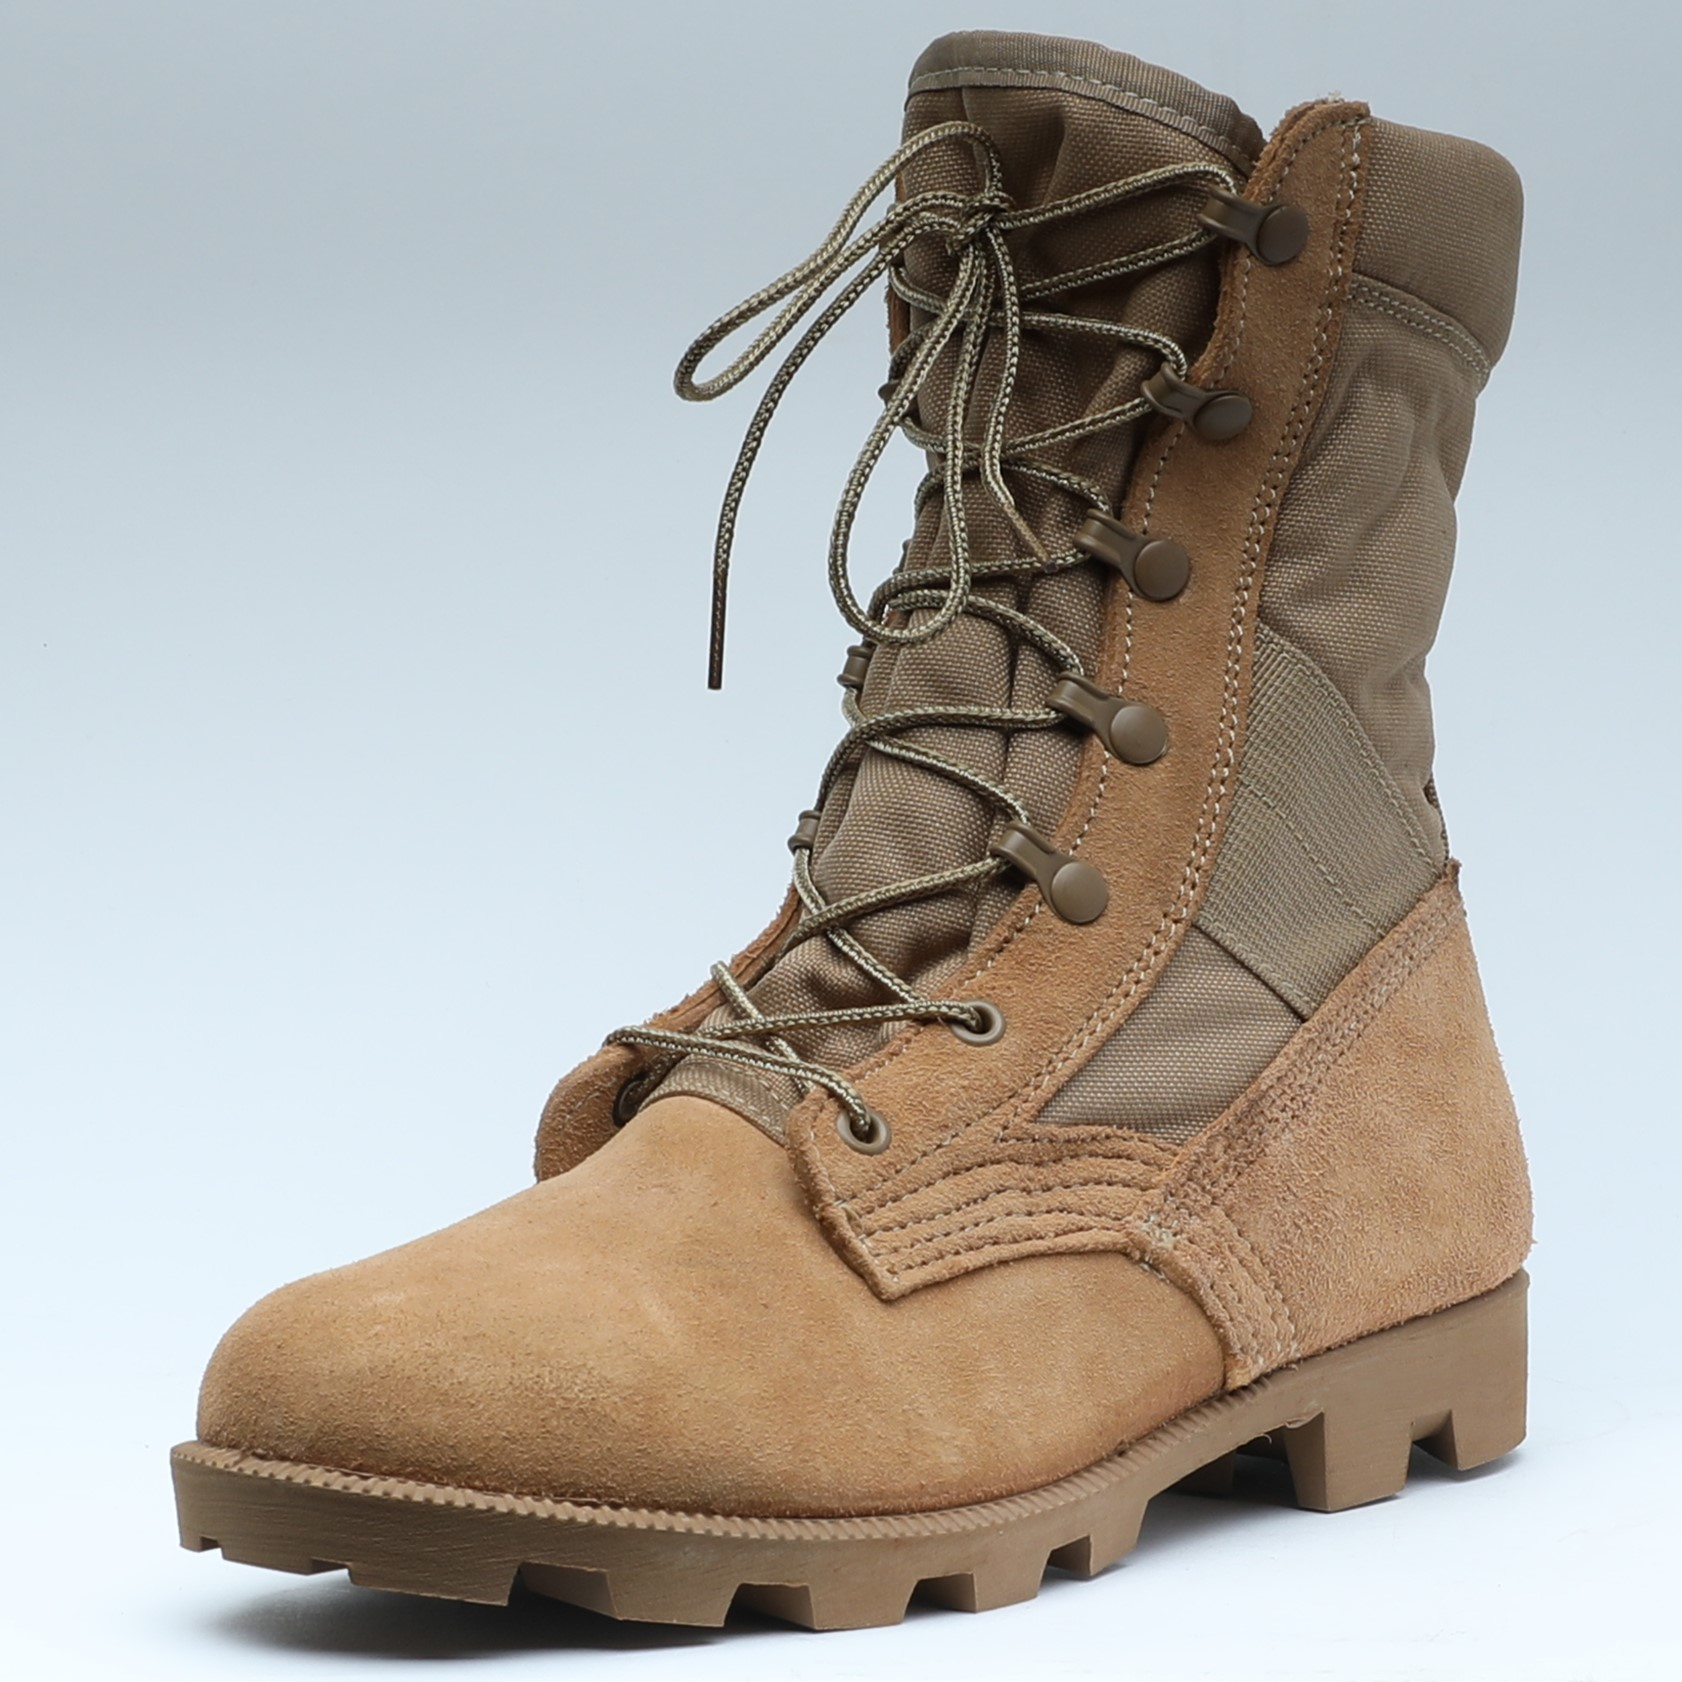 模压大底军靴男美军作战靴丛林靴10寸长伞兵靴子Kevlar凯夫拉防刺